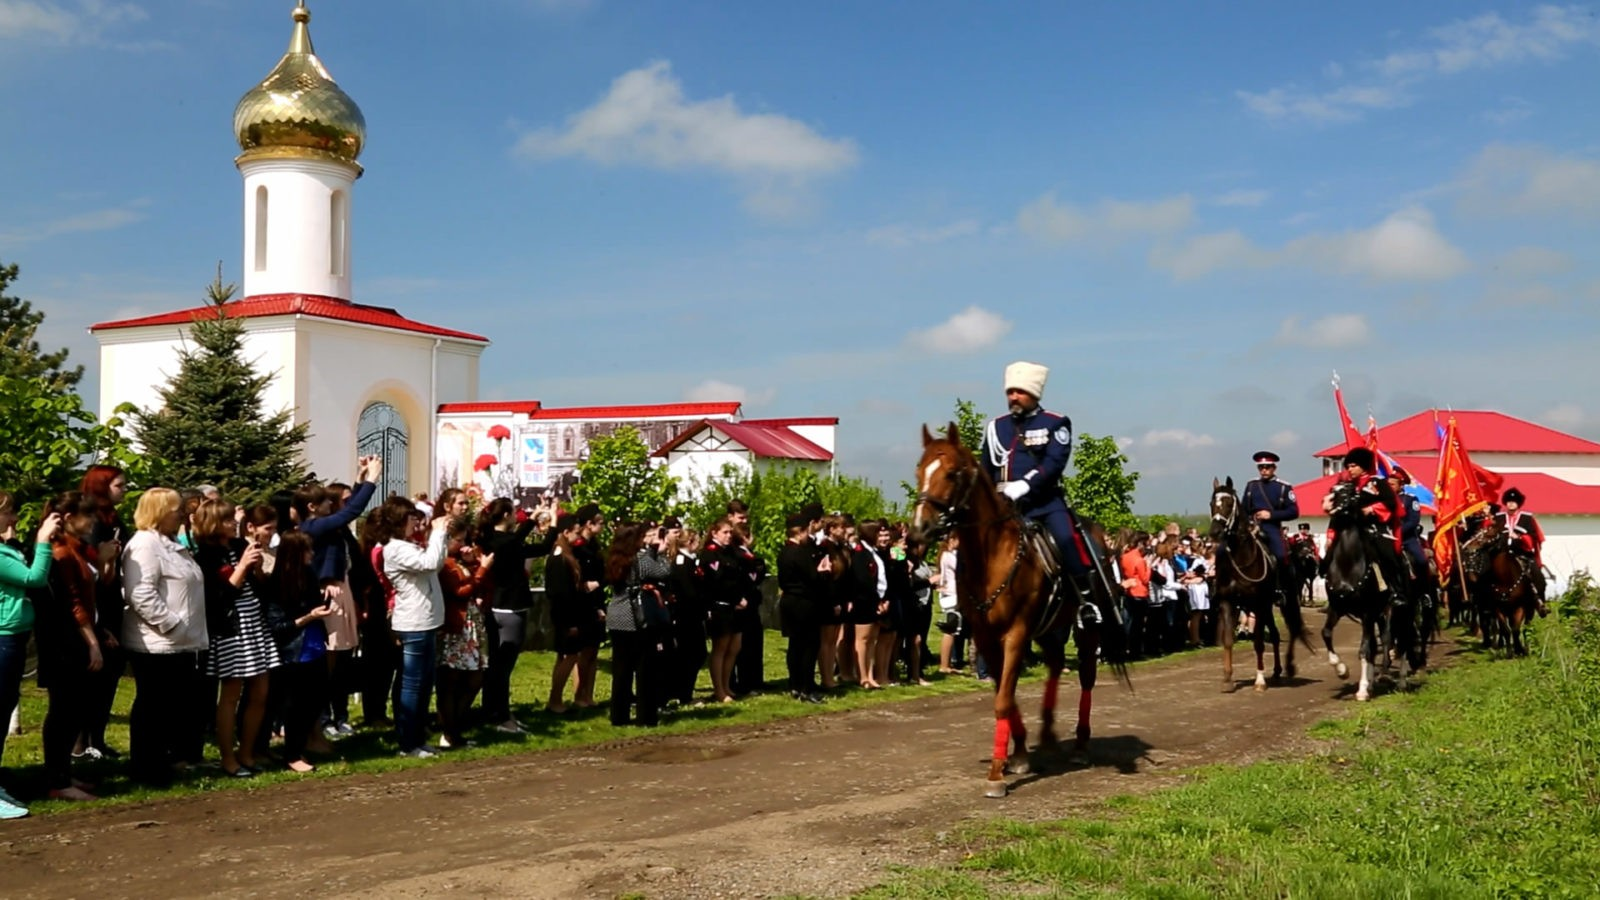 Défilé de Cosaques à Rostov sur le Don, Russie